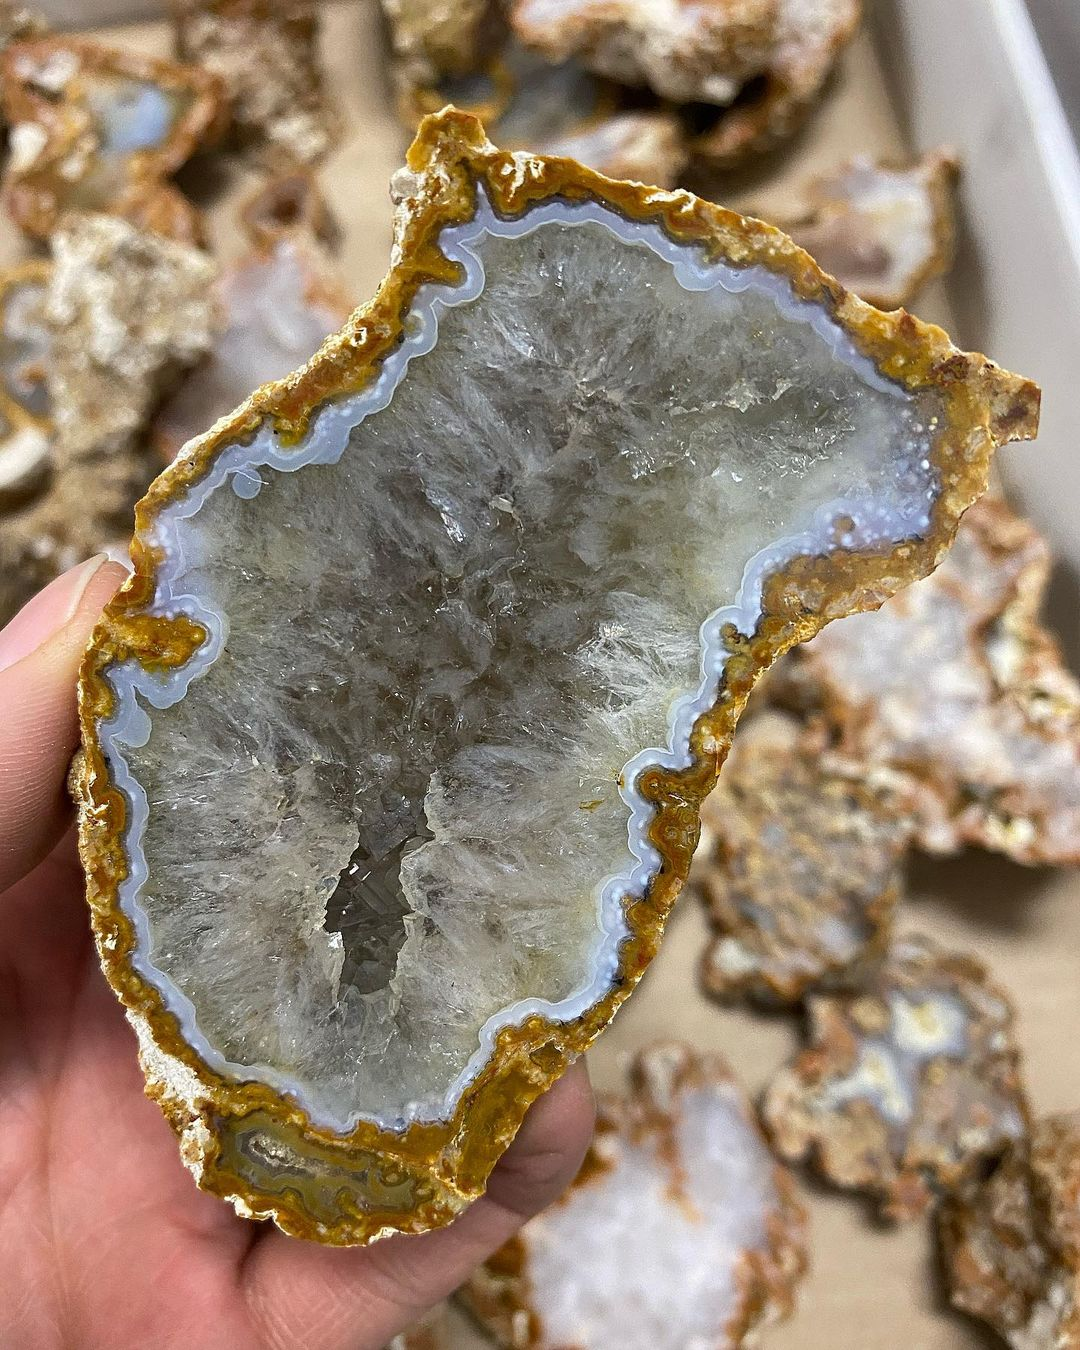 Исследователь нашёл в Тверской области кварц-халцедоновые кристаллы редкой красоты